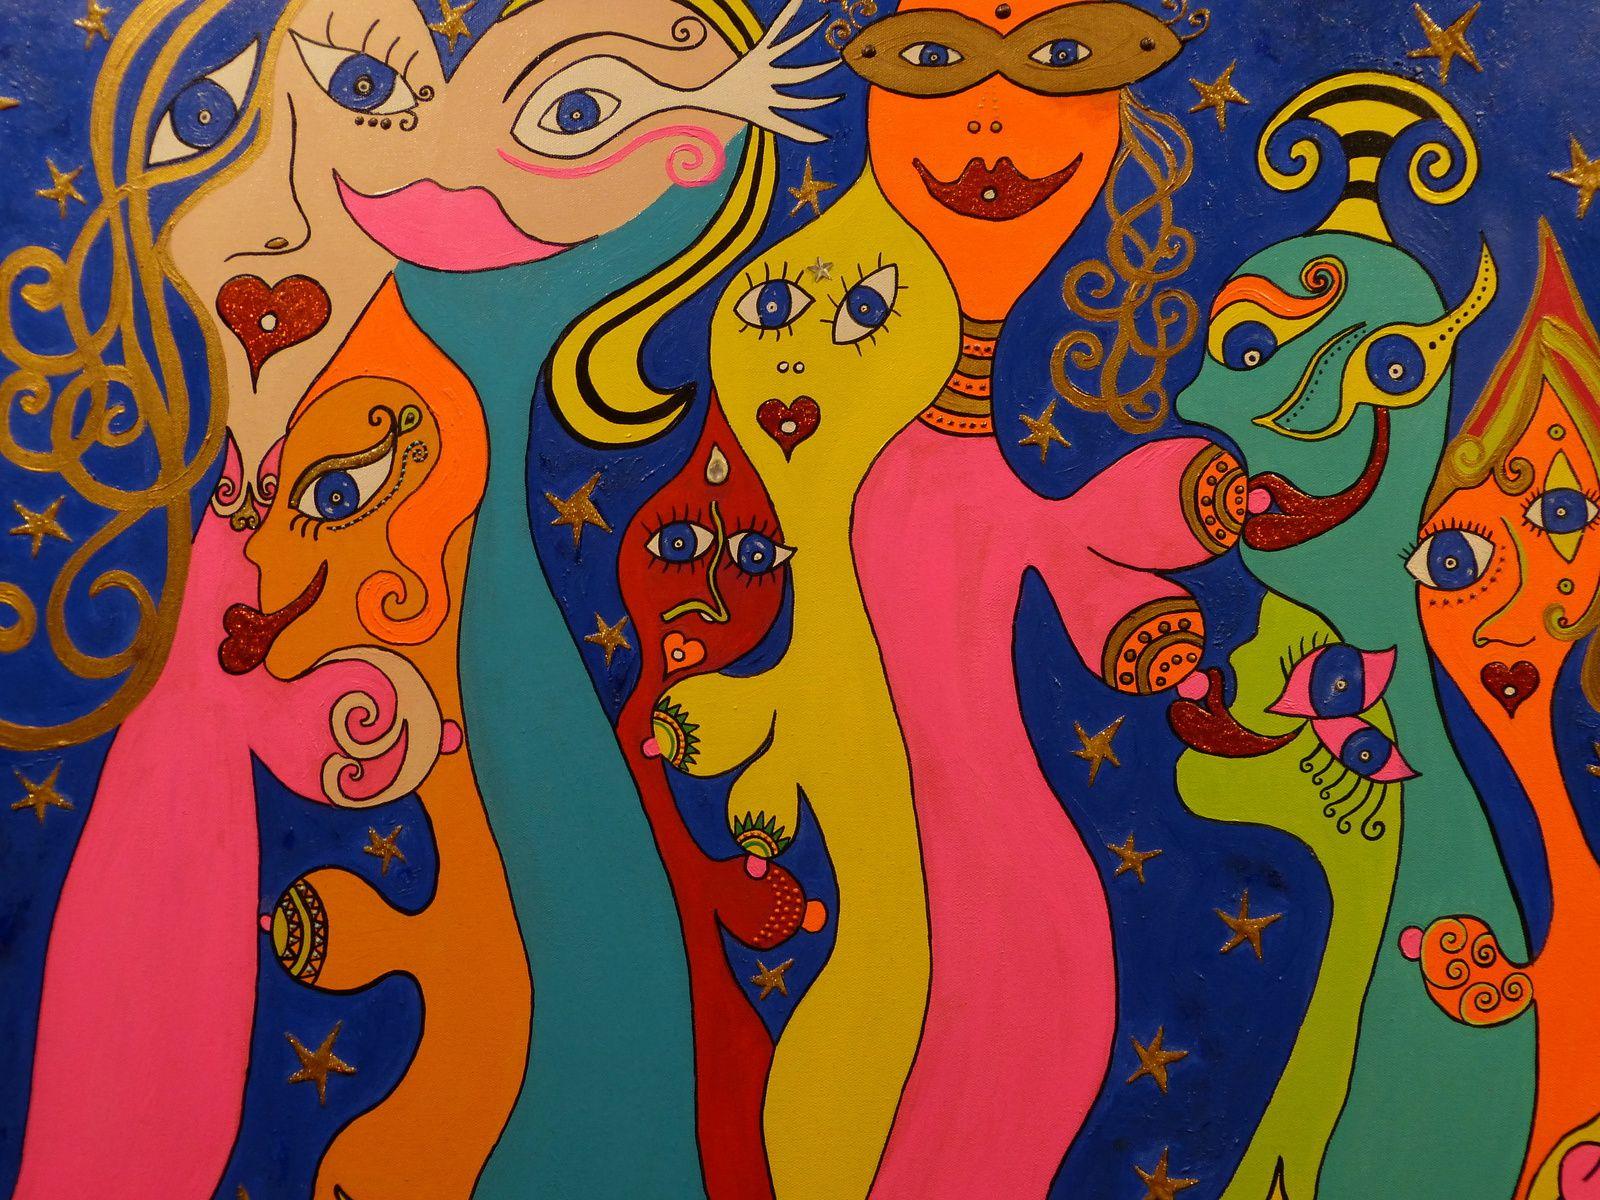 L'art et la culture sont plus que jamais indispensables.....Merci à France Thalie pour son invitation à ce salon . On la voit ici, sur la dernière photo, à côté d'une de ses oeuvres.....Bises.